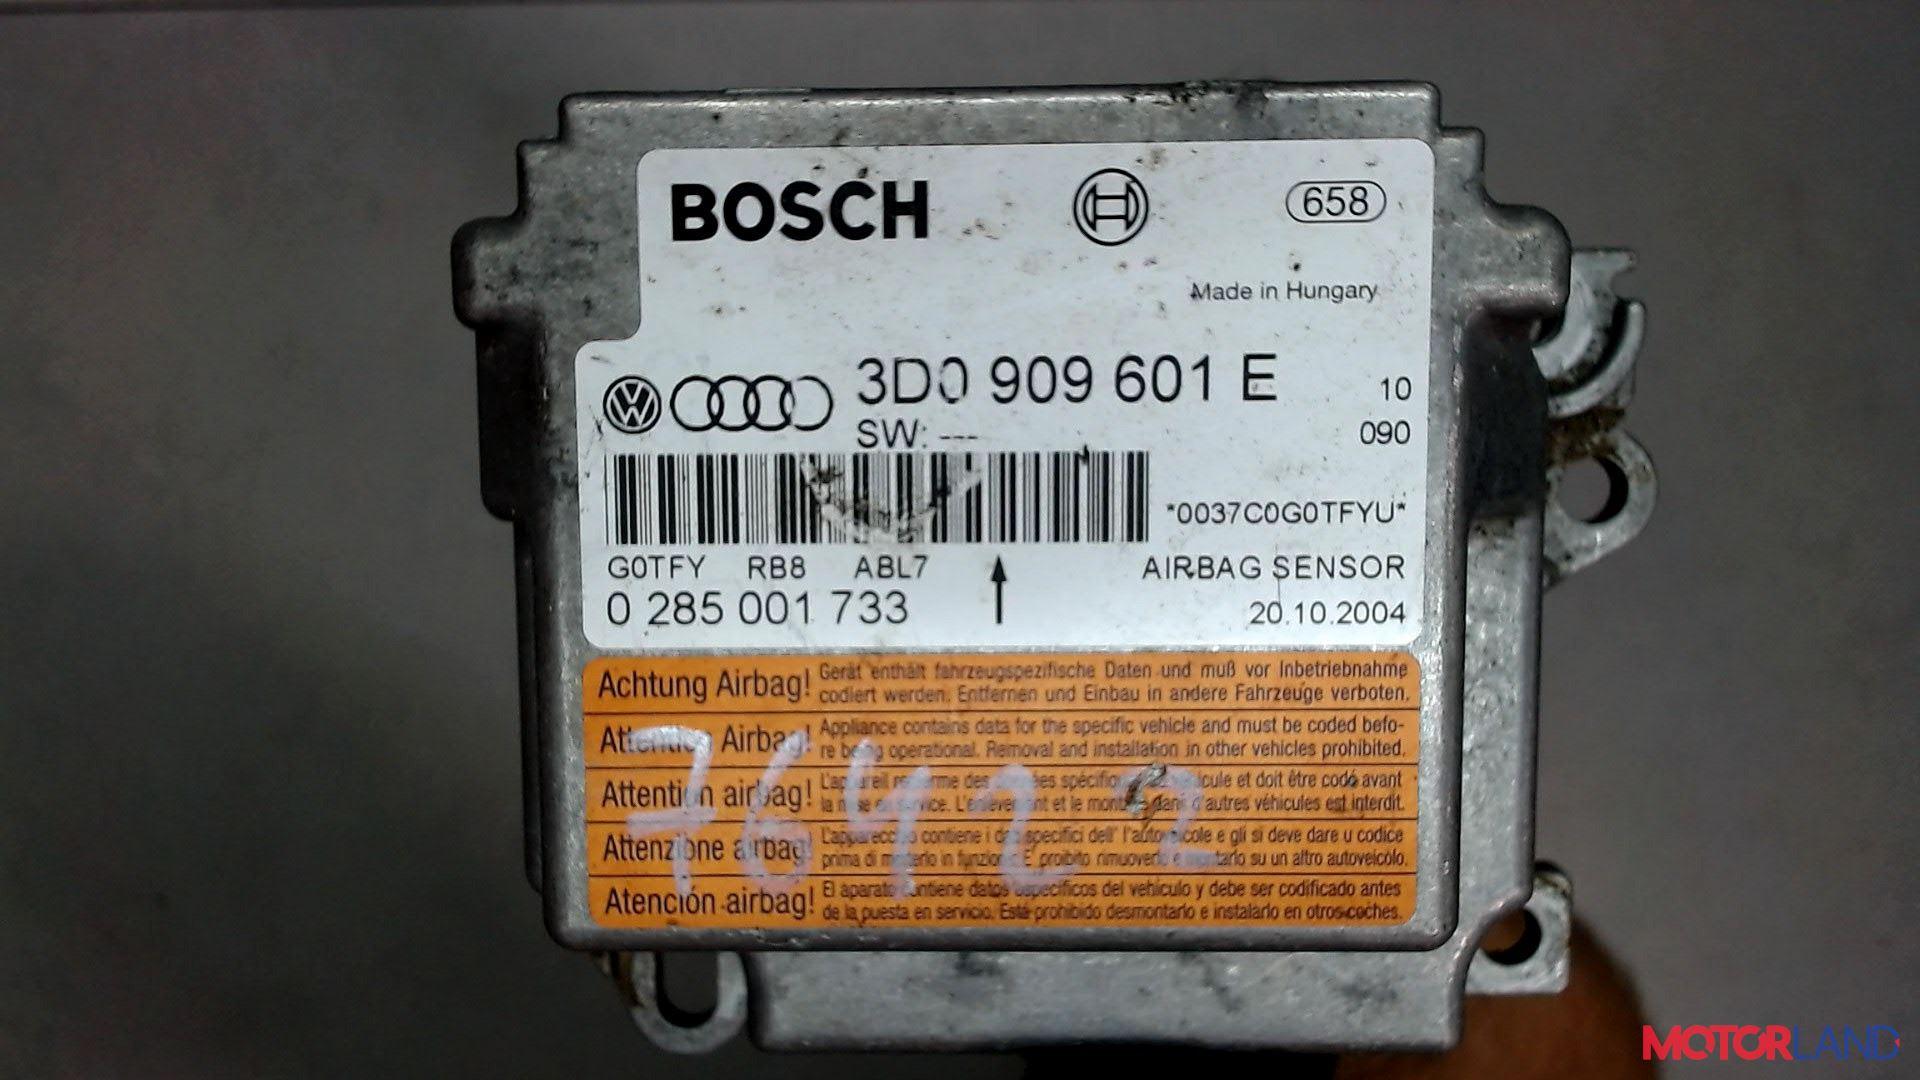 Блок управления (ЭБУ) Porsche Cayenne 2002-2007 4.5 л. 2007 M48.00 б/у #3